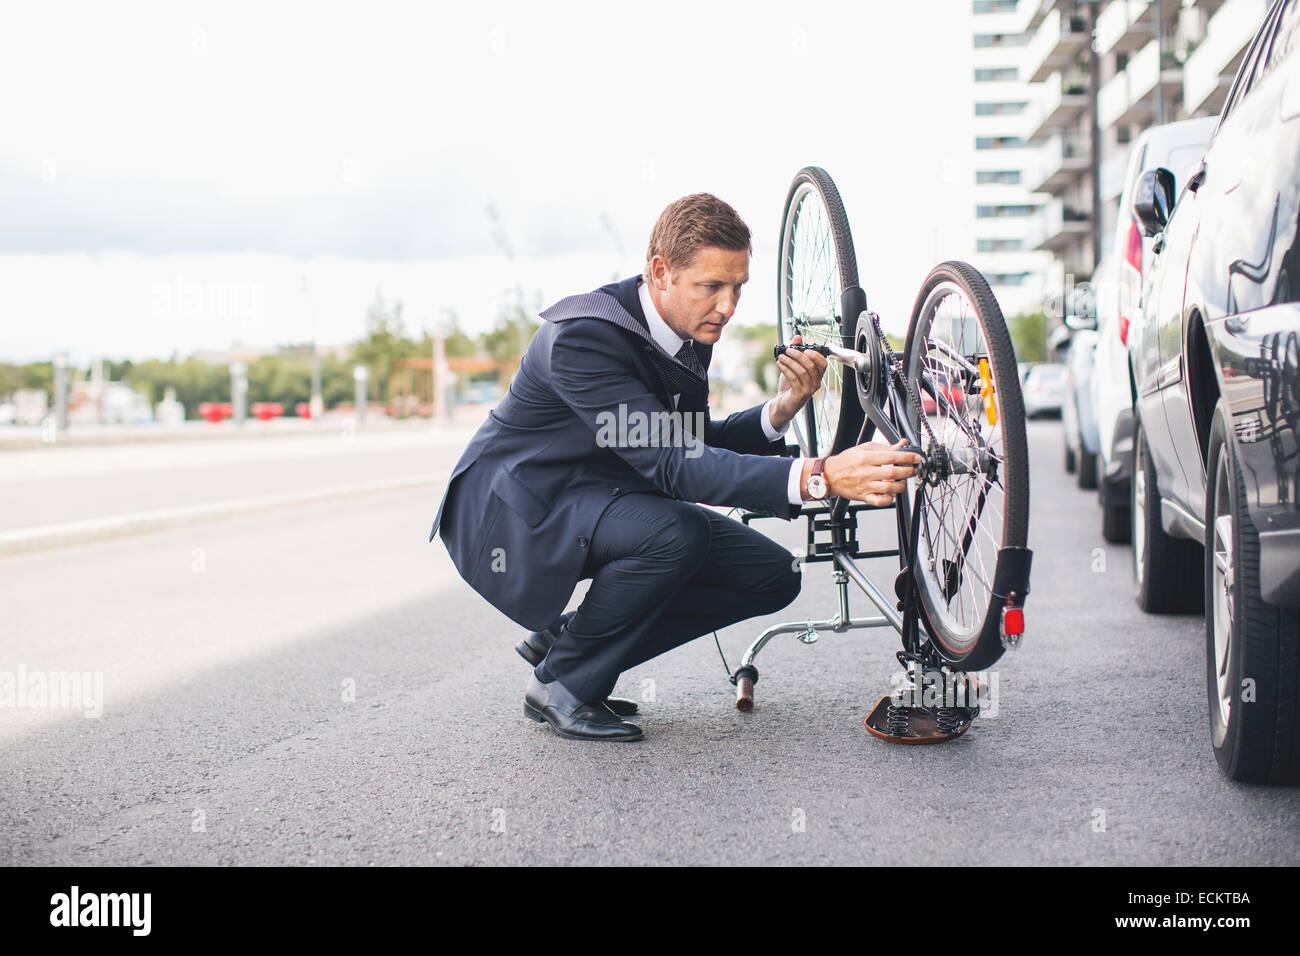 Imprenditore il fissaggio della catena di una bicicletta su una strada di città contro sky Immagini Stock